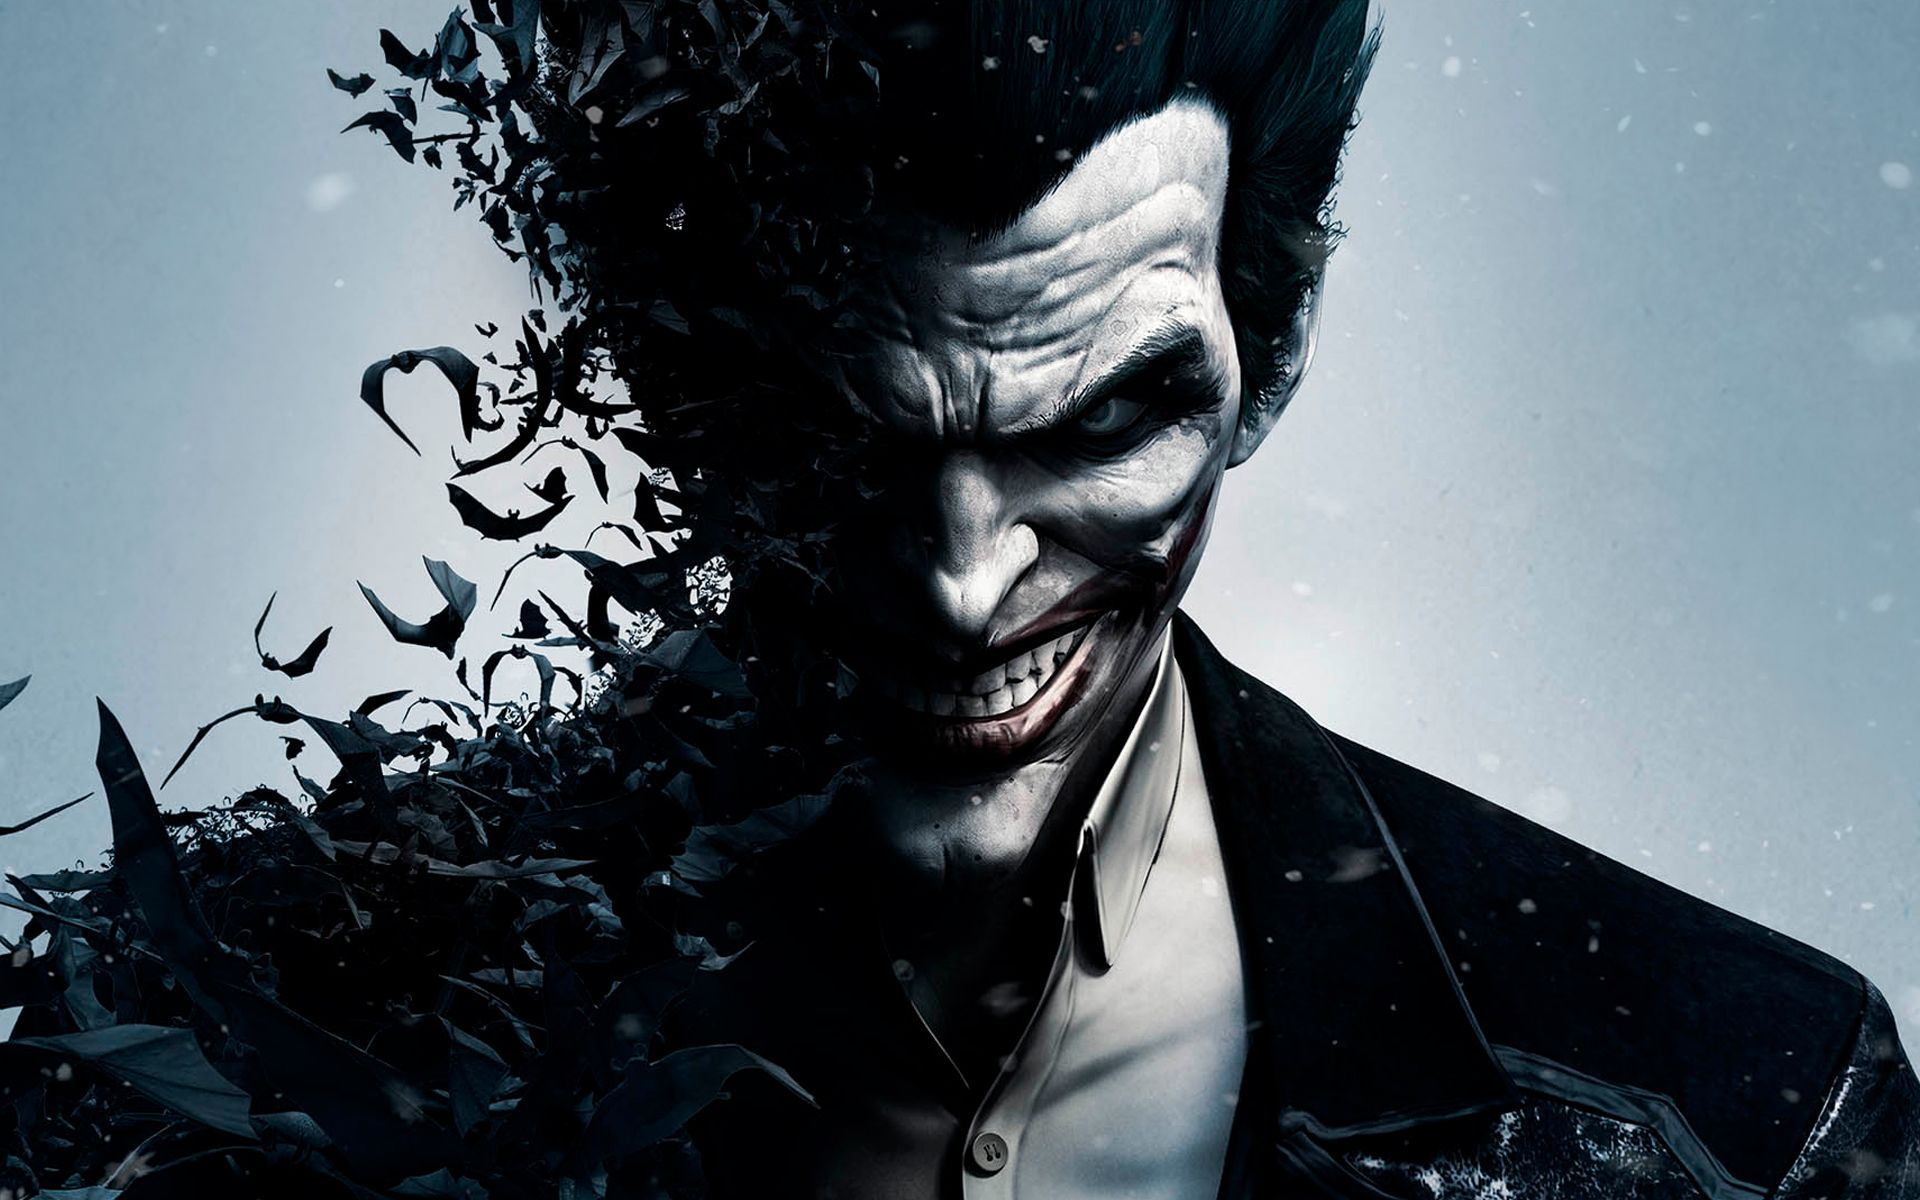 Amazing Joker Hd Wallpapers 1080p For Desktop Wallpapers With